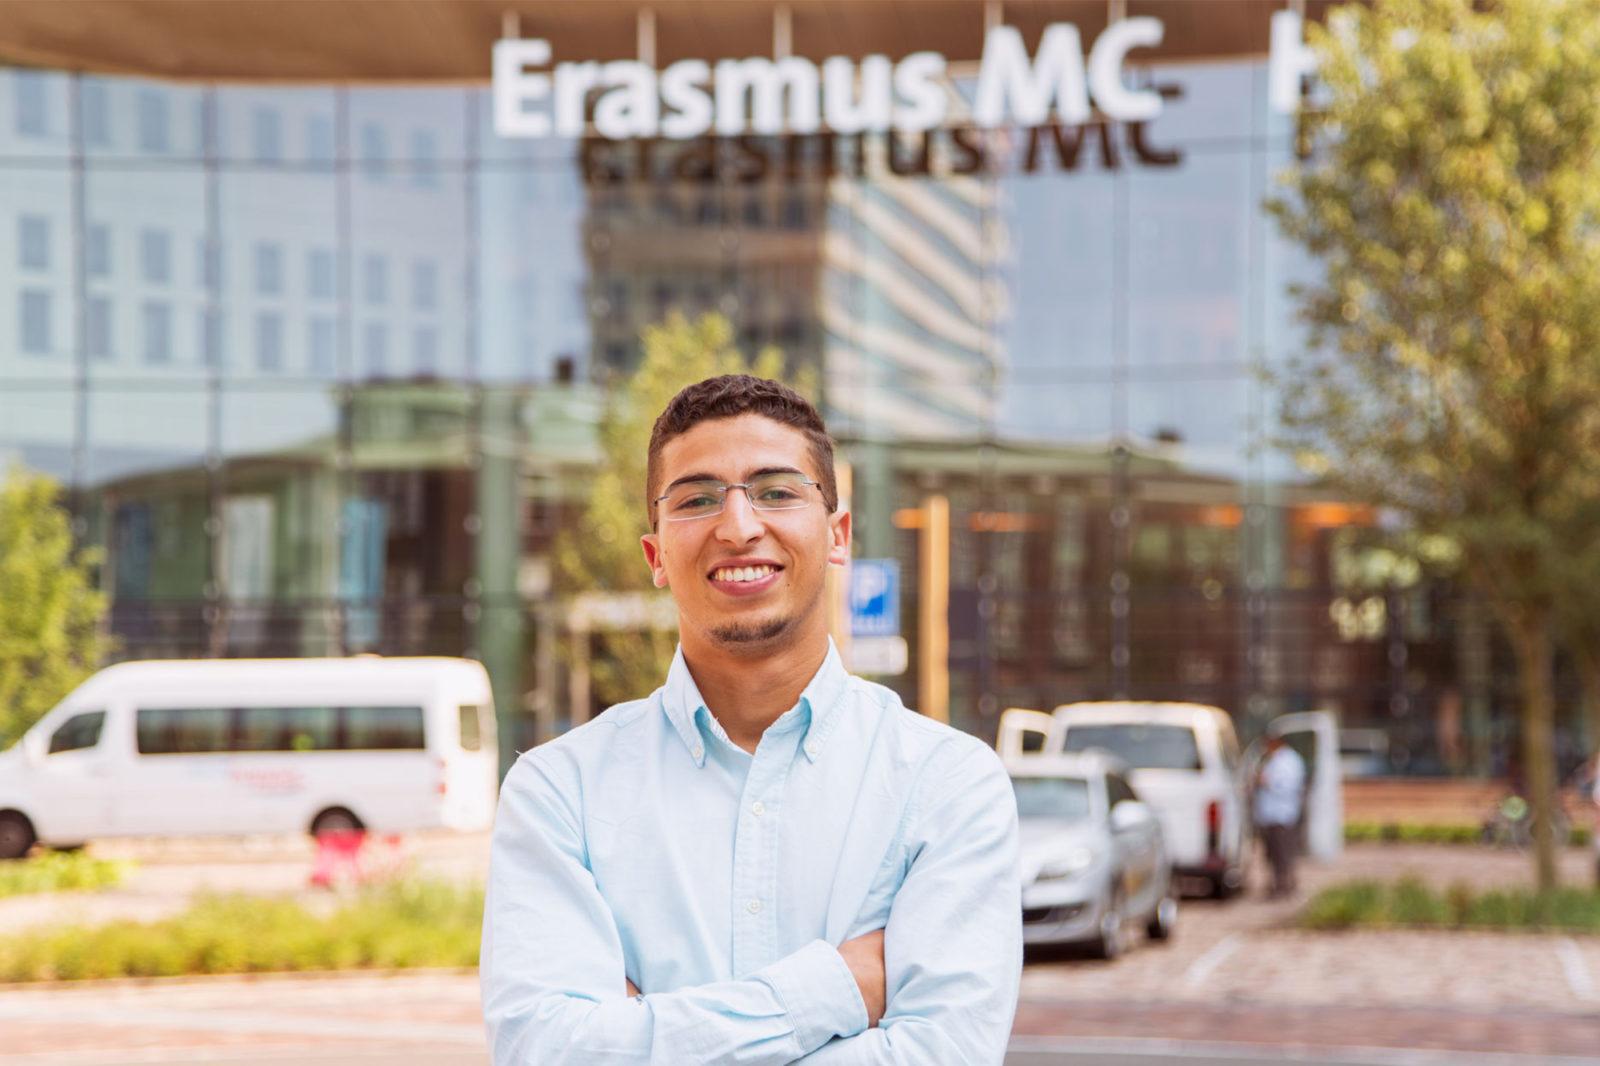 Nizar El Manouzi Erasmus MC